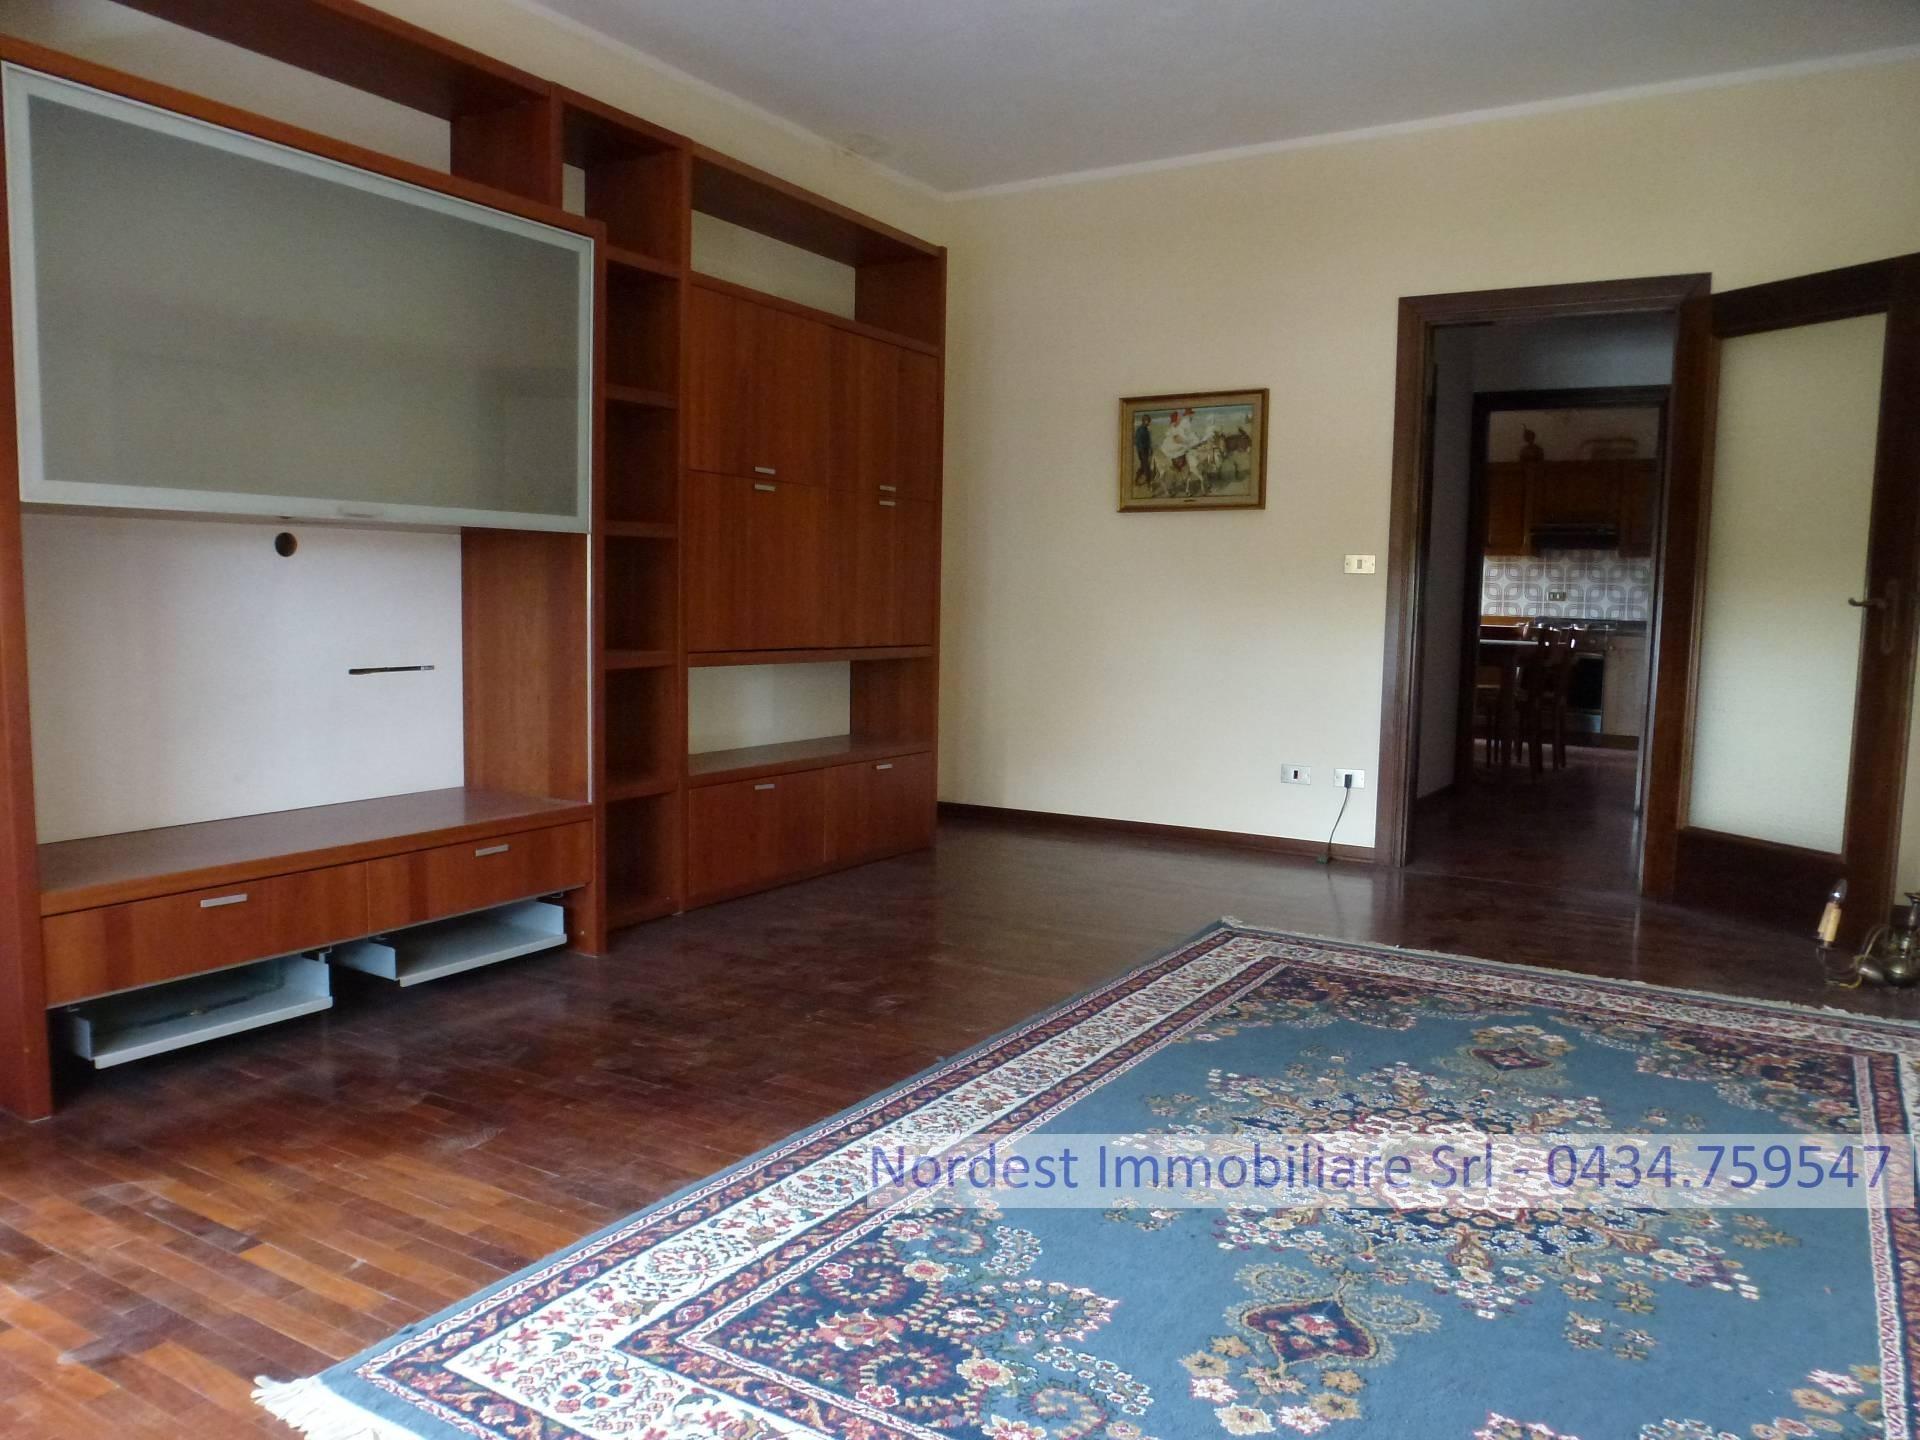 Appartamento in vendita a Gaiarine, 5 locali, prezzo € 75.000 | CambioCasa.it